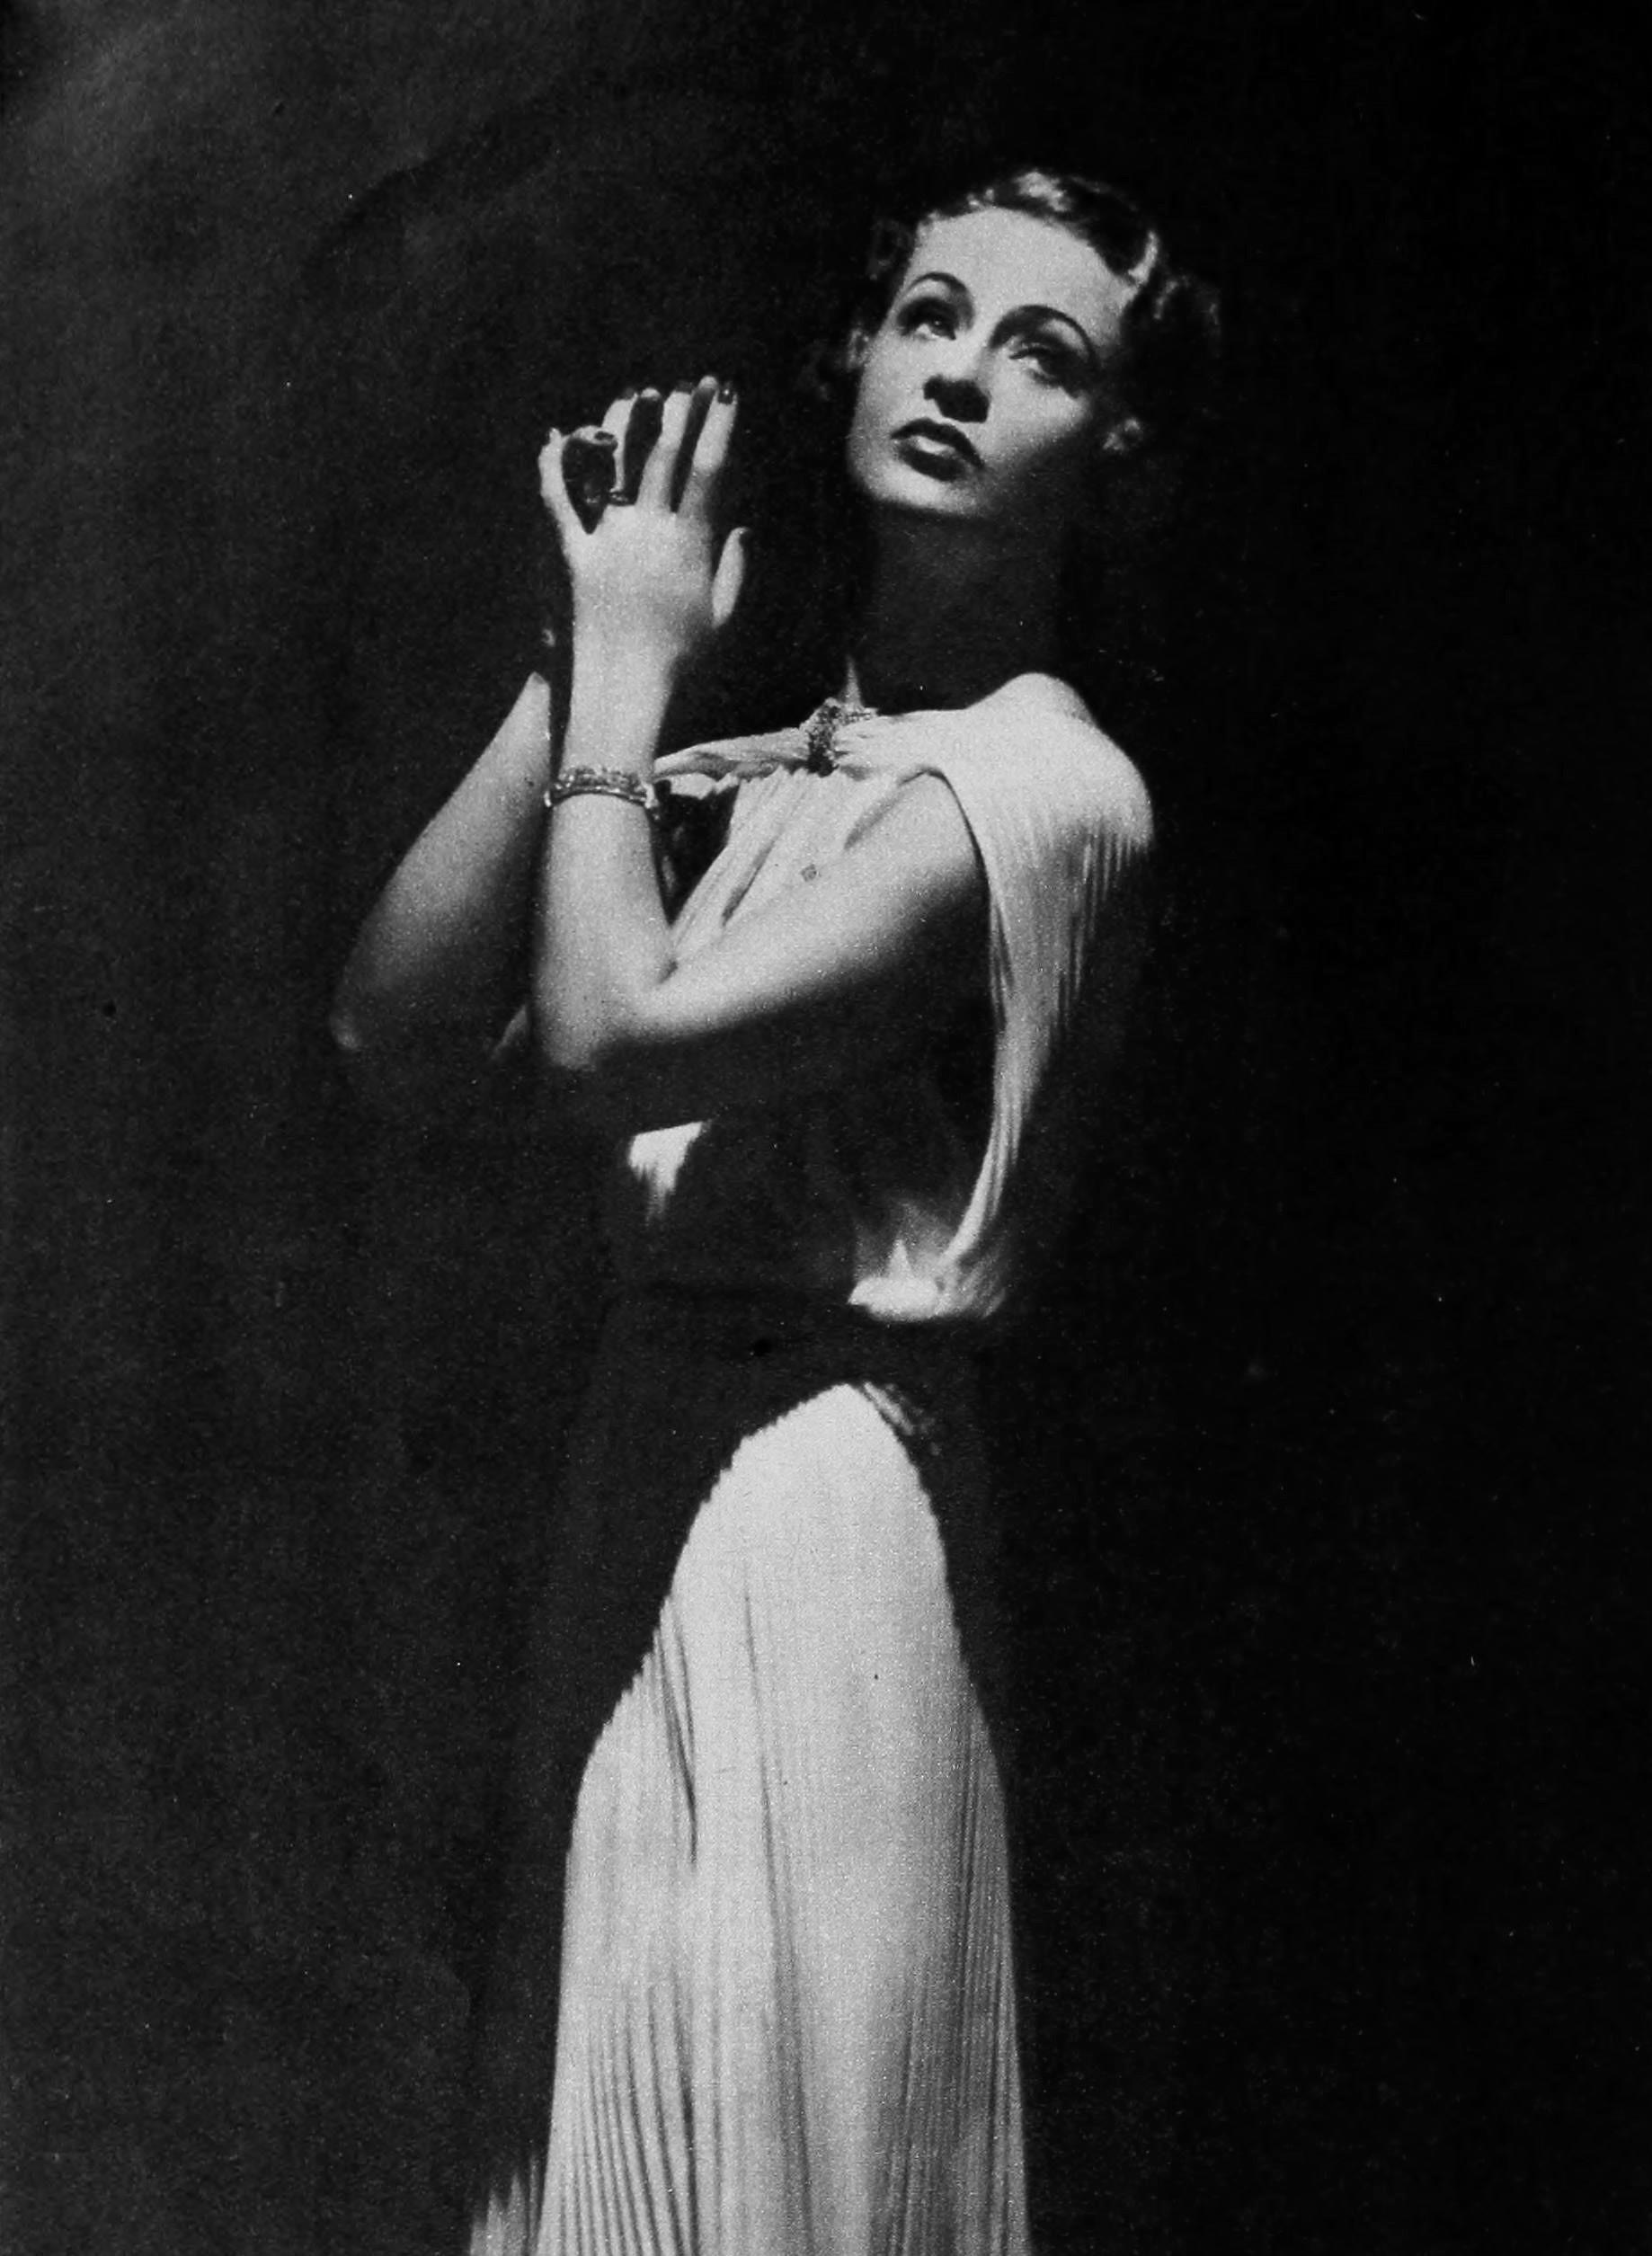 Ethel Shutta